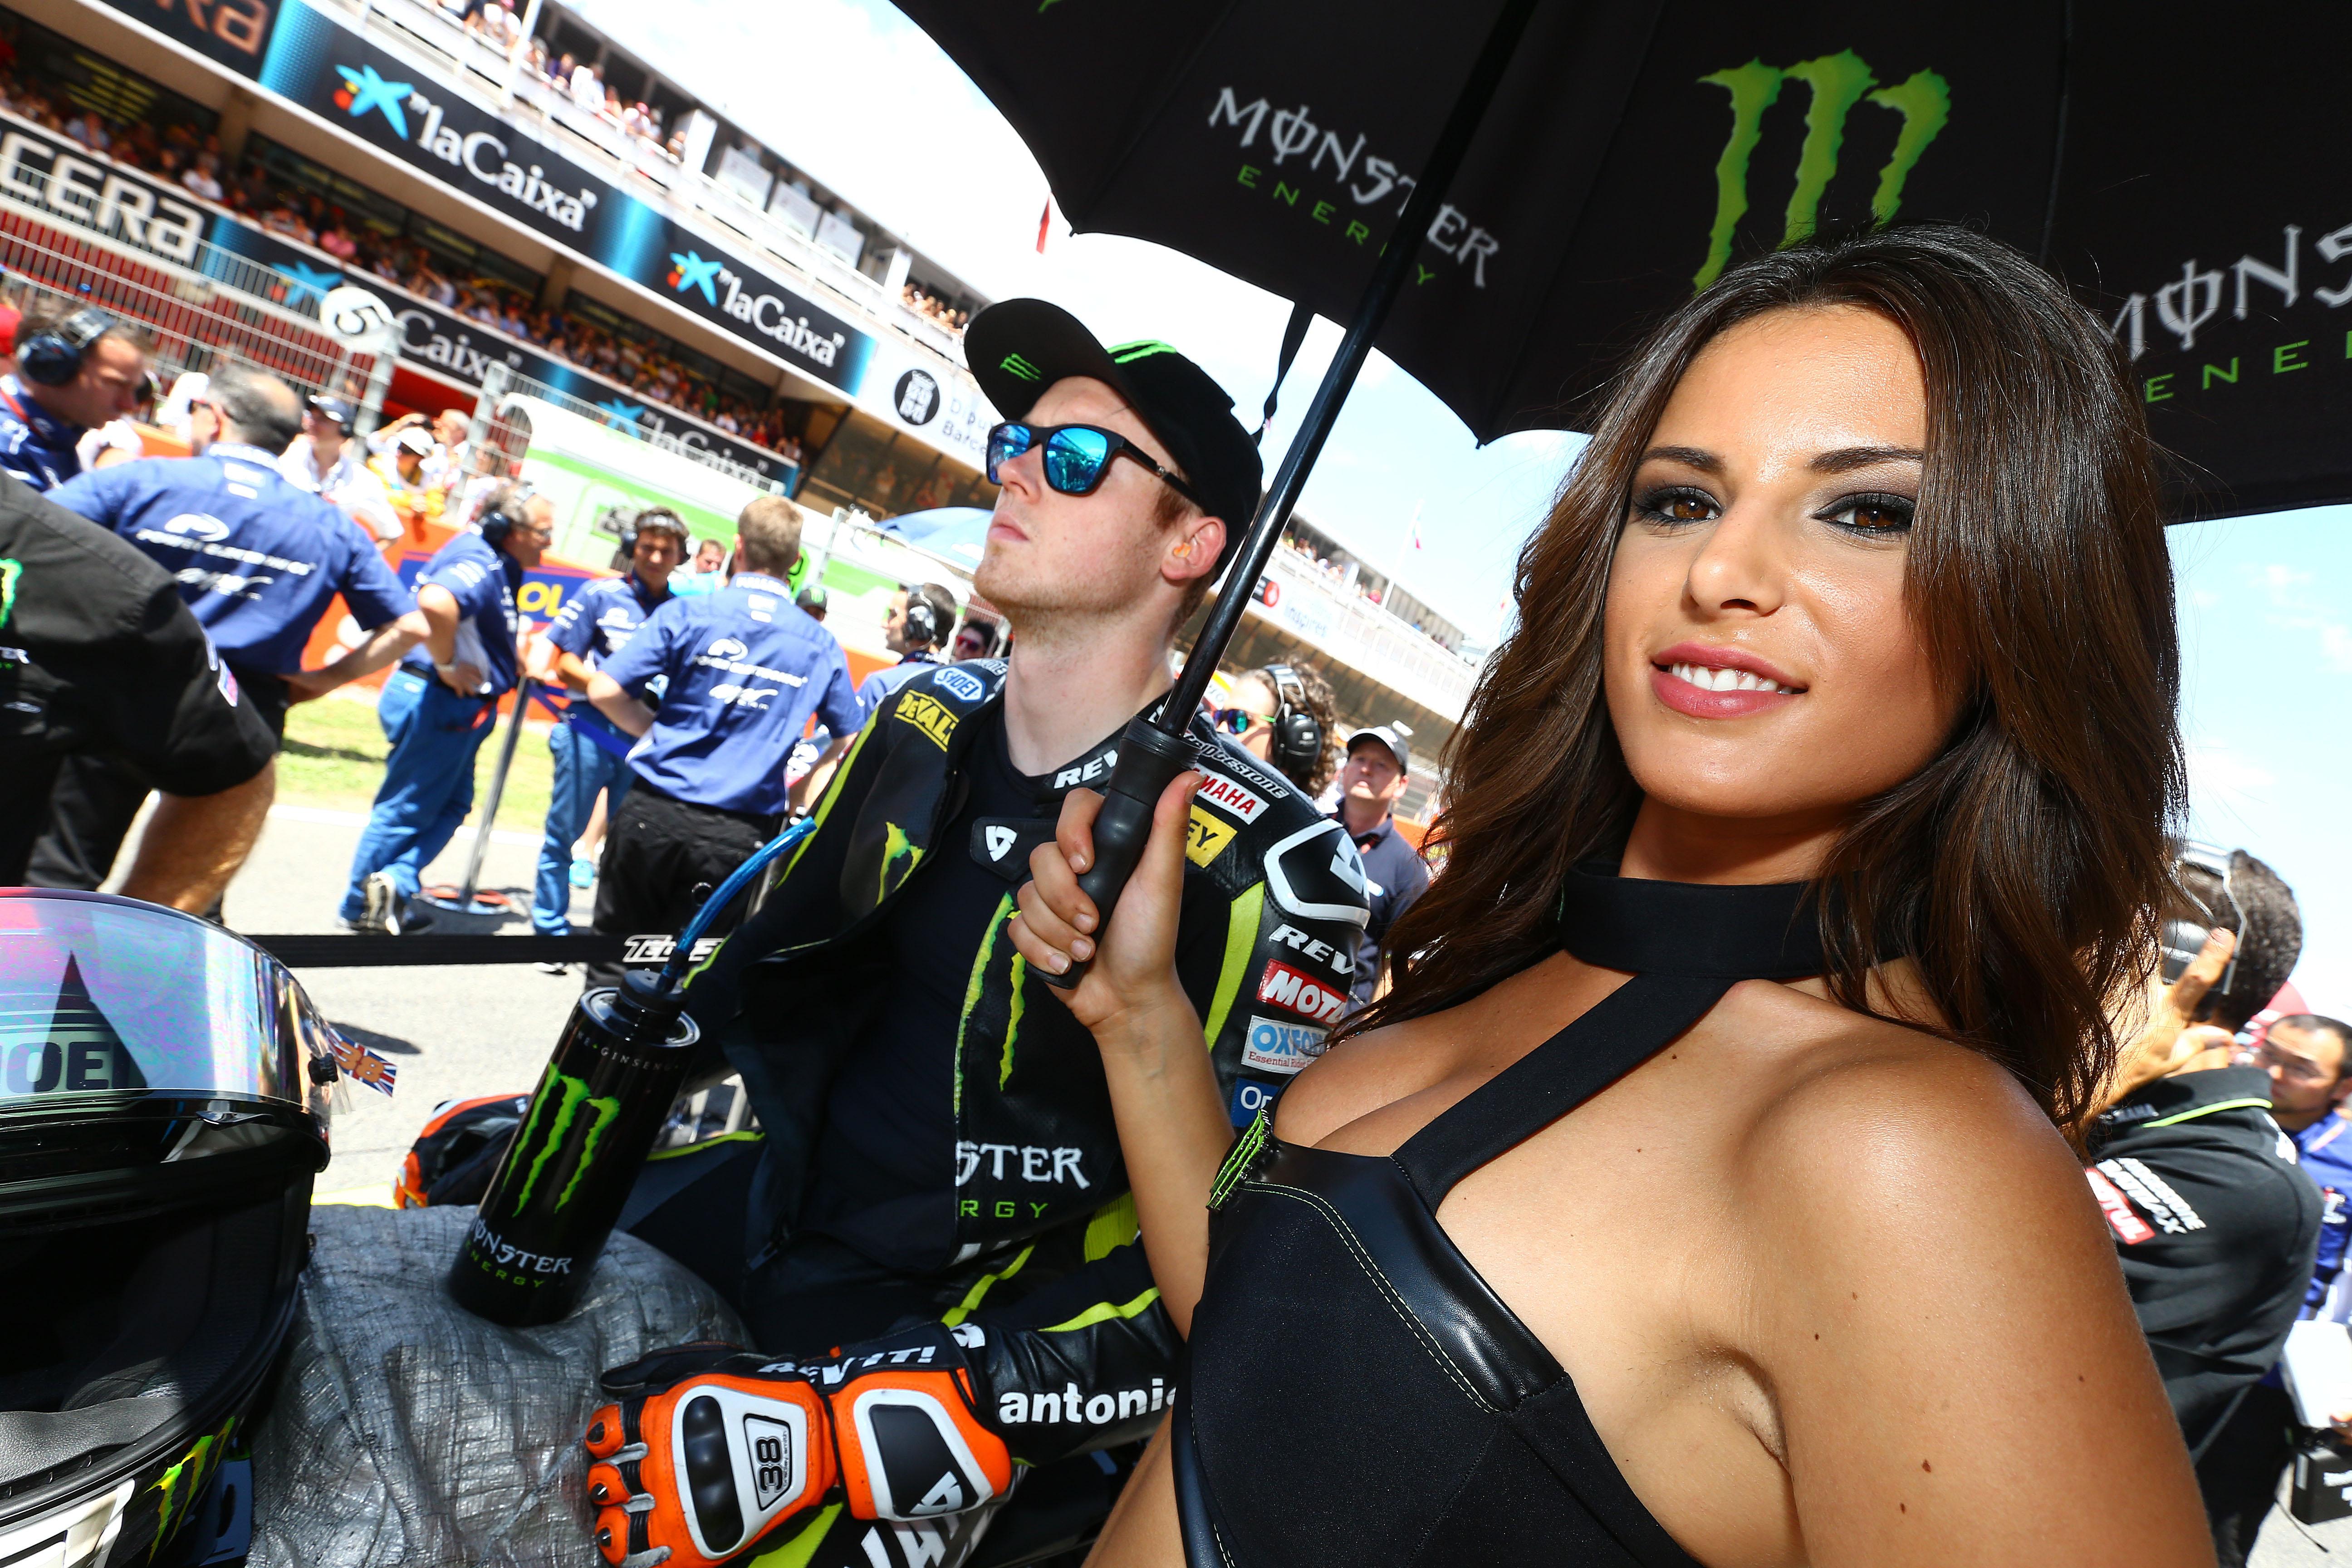 MotoGP grid girls: Catalunya 2013 | Visordown